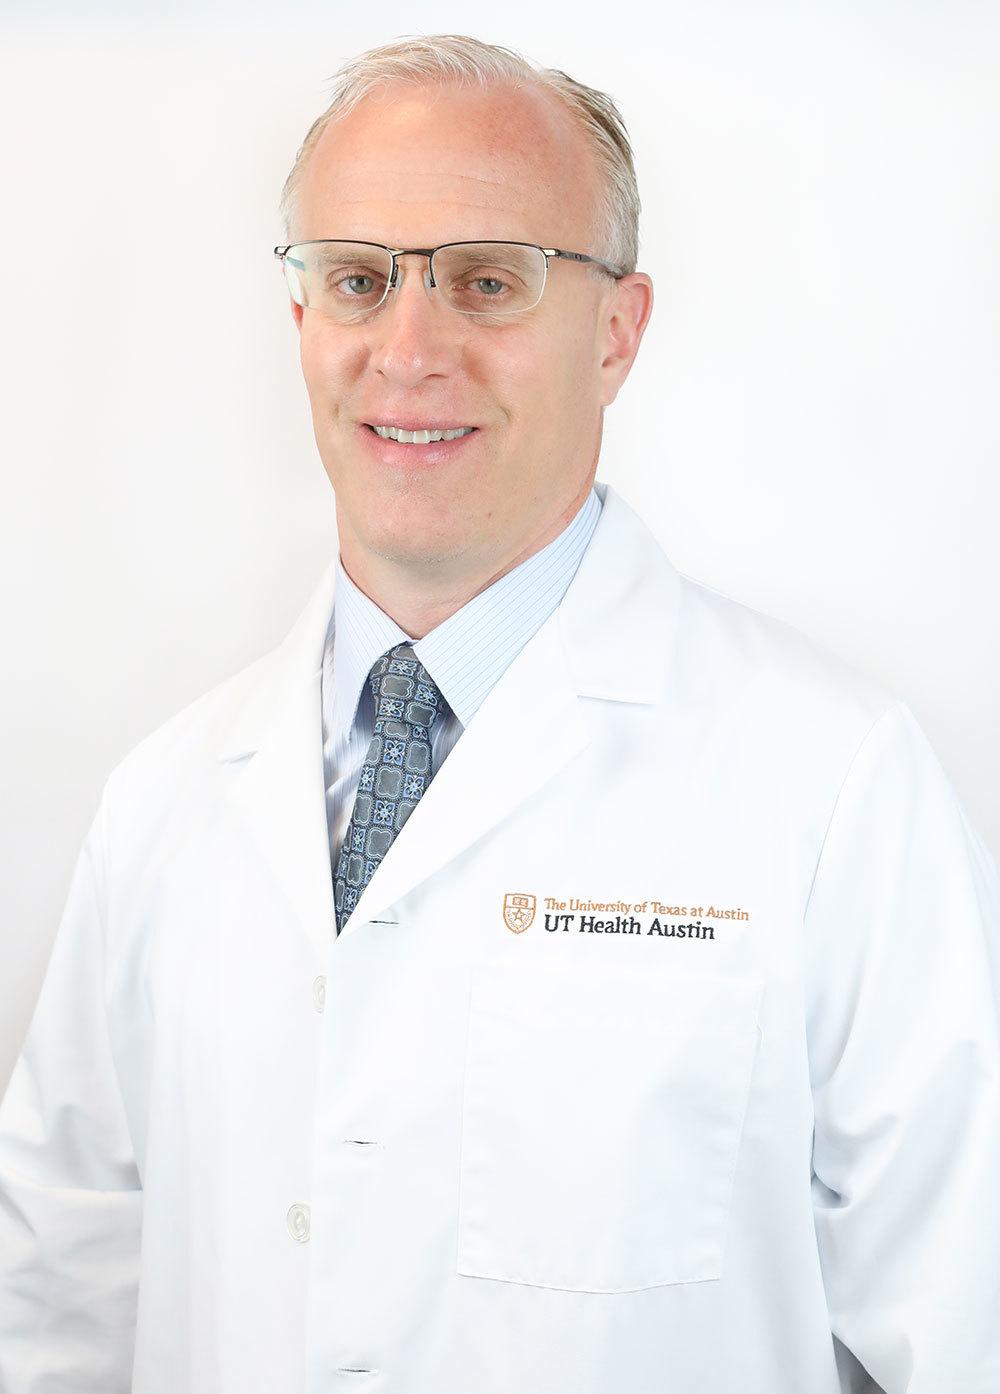 Kevin Bozic at UT Health Austin